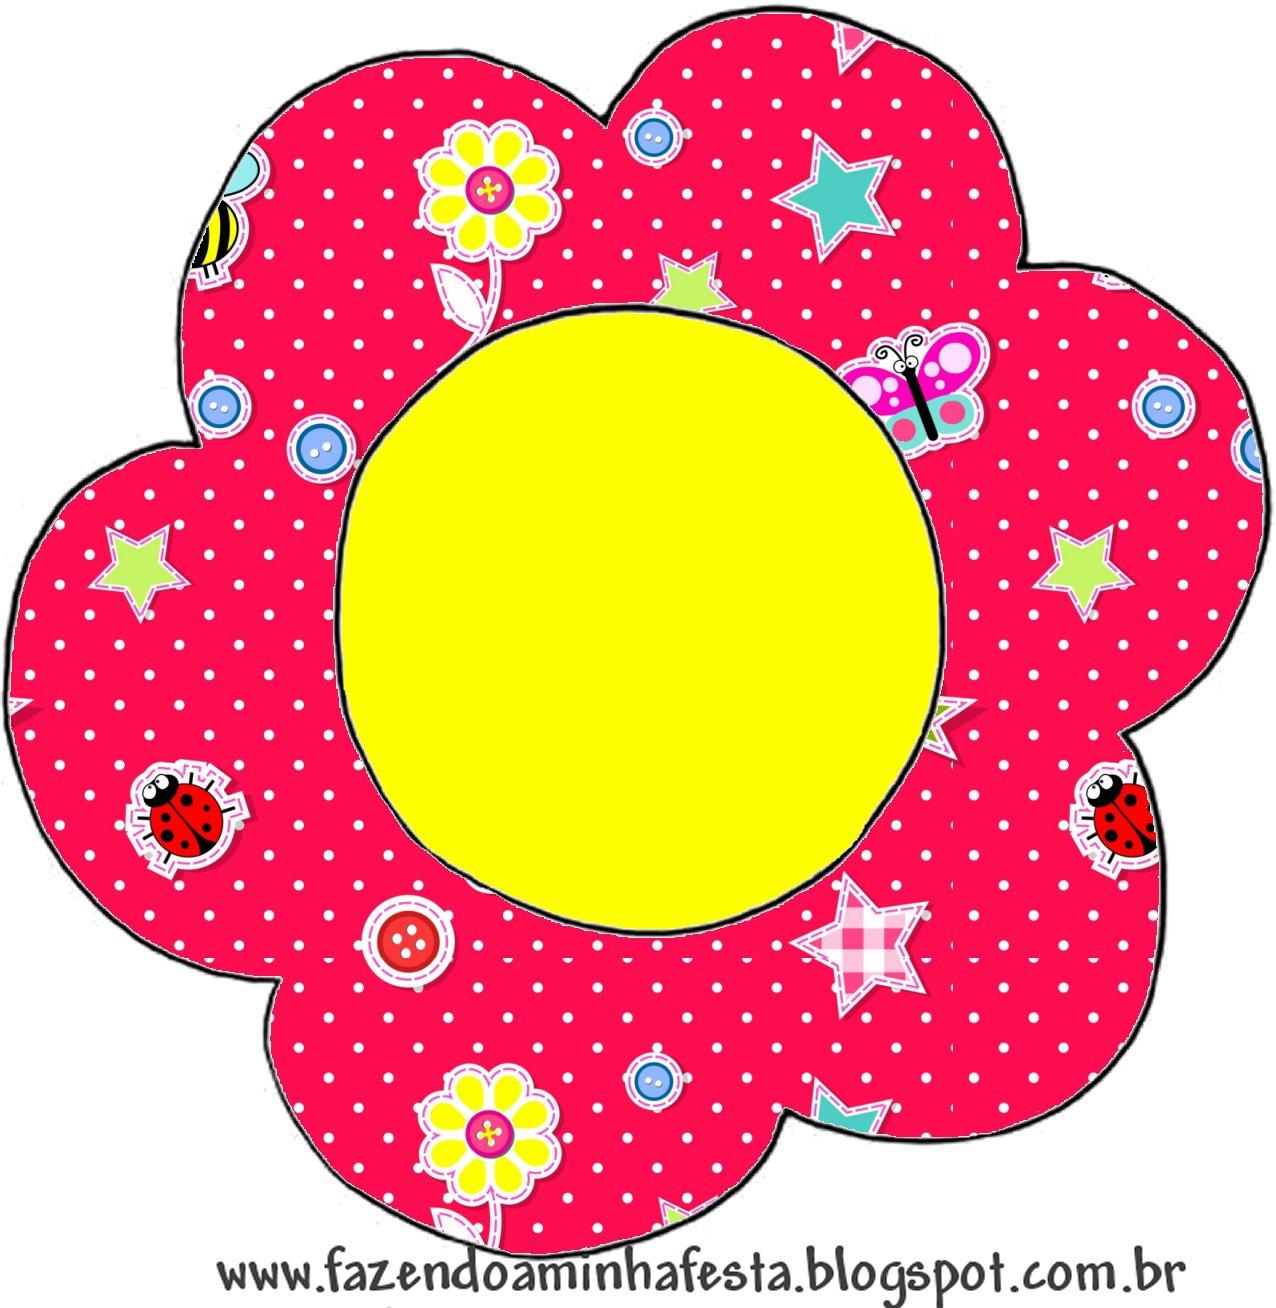 Incrível Desenho De Flor Colorida Para Imprimir Melhores